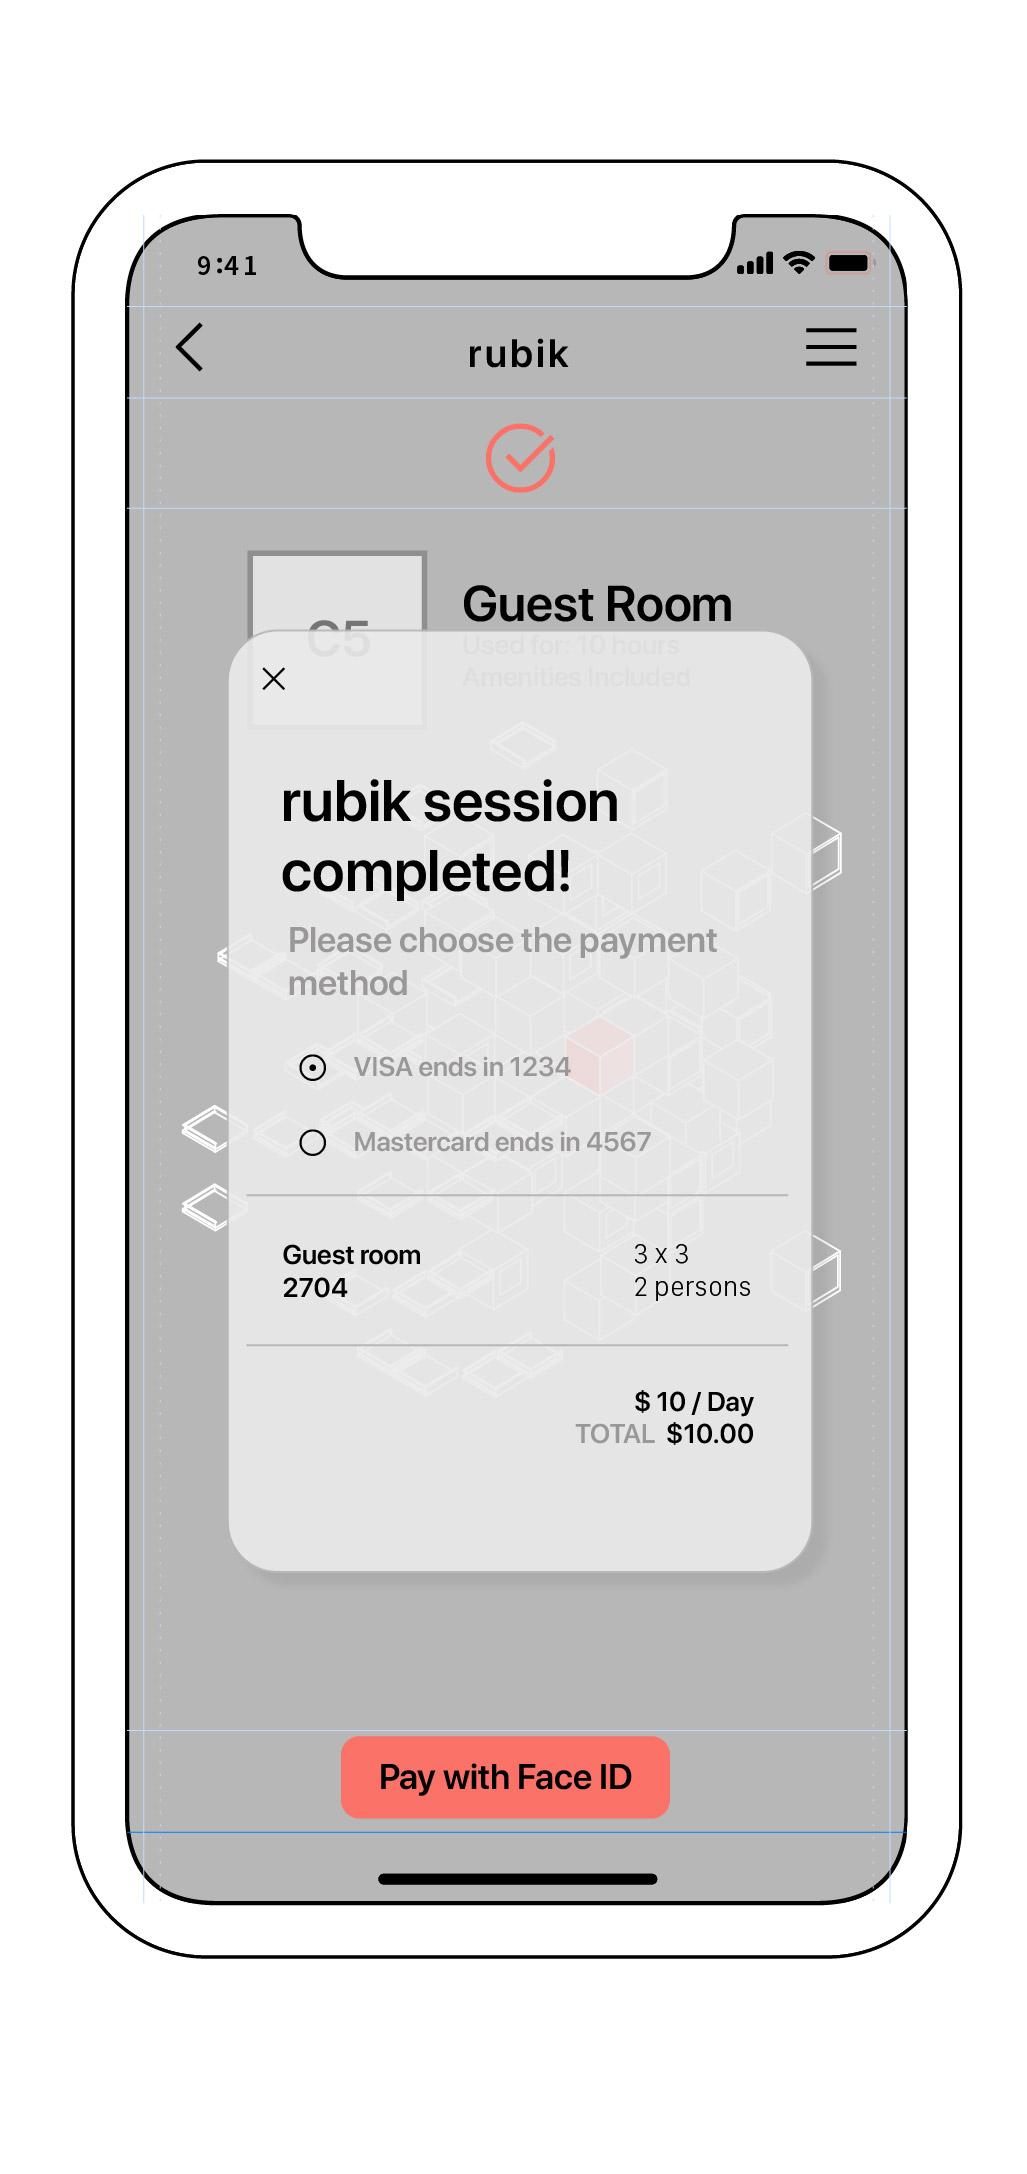 181212_app_room-09